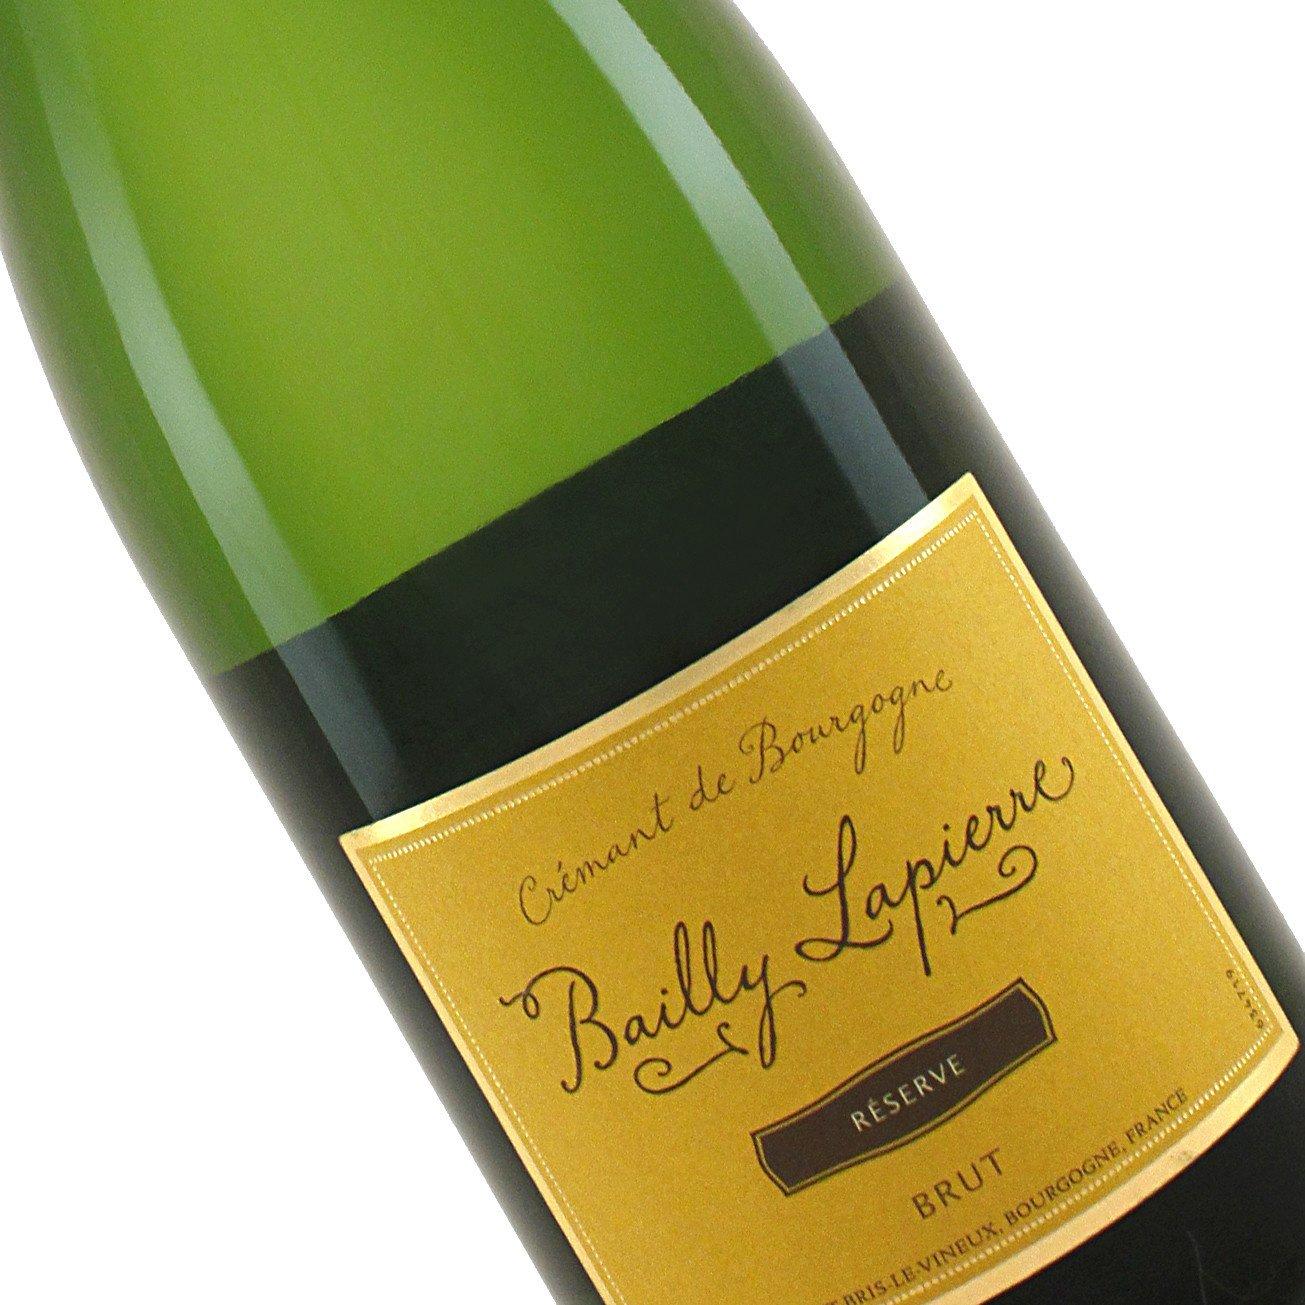 Bailly Lapierre N.V. Cremant de Bourgogne Brut Reserve Sparkling Wine, Burgundy